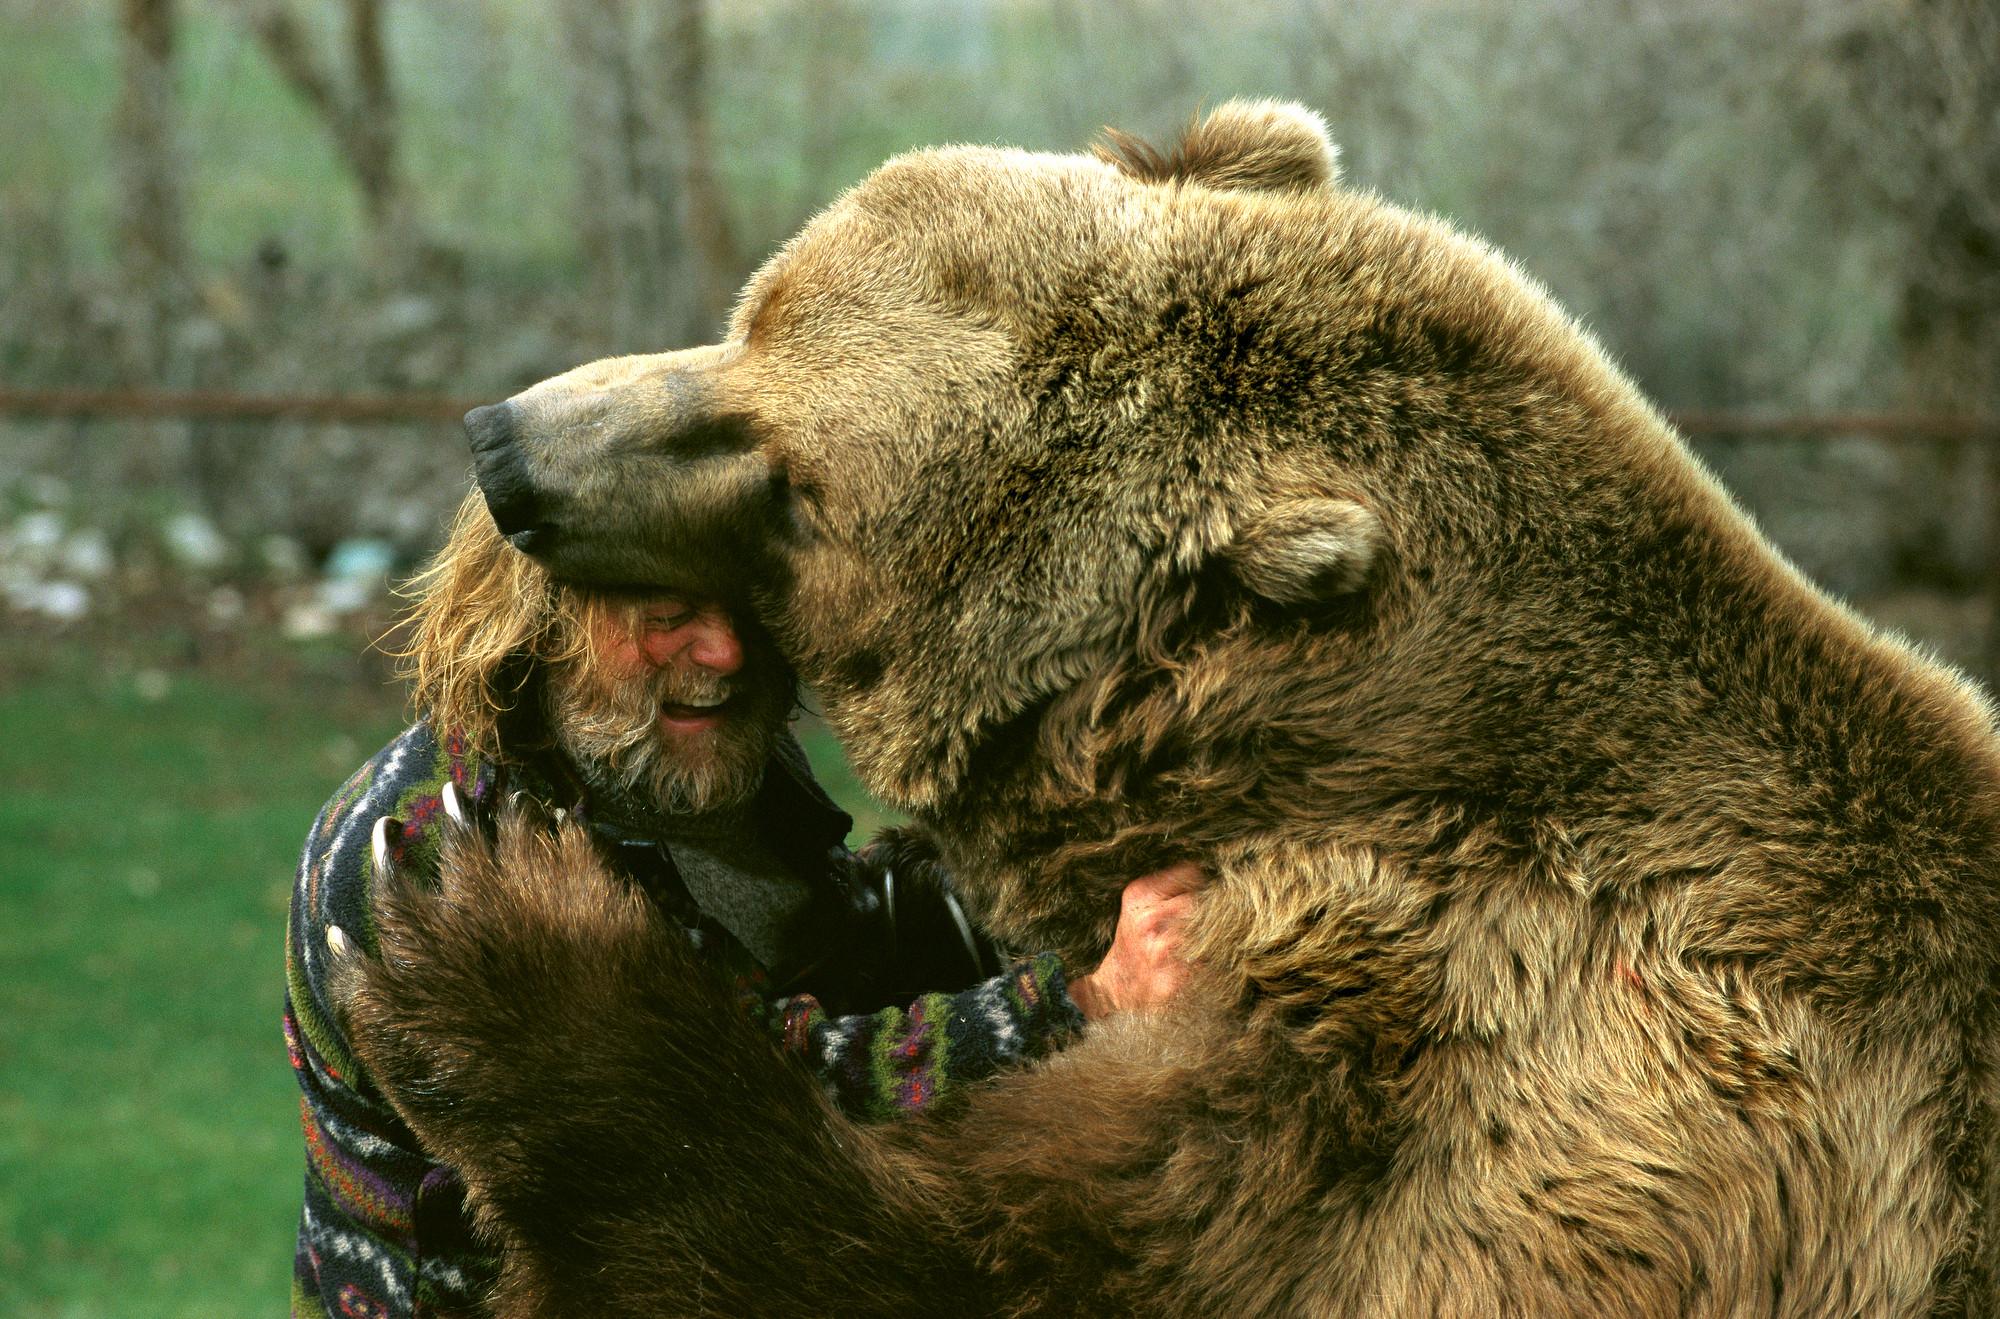 фреймут гризли медведь фото с человеком удачных совсем липосакциях